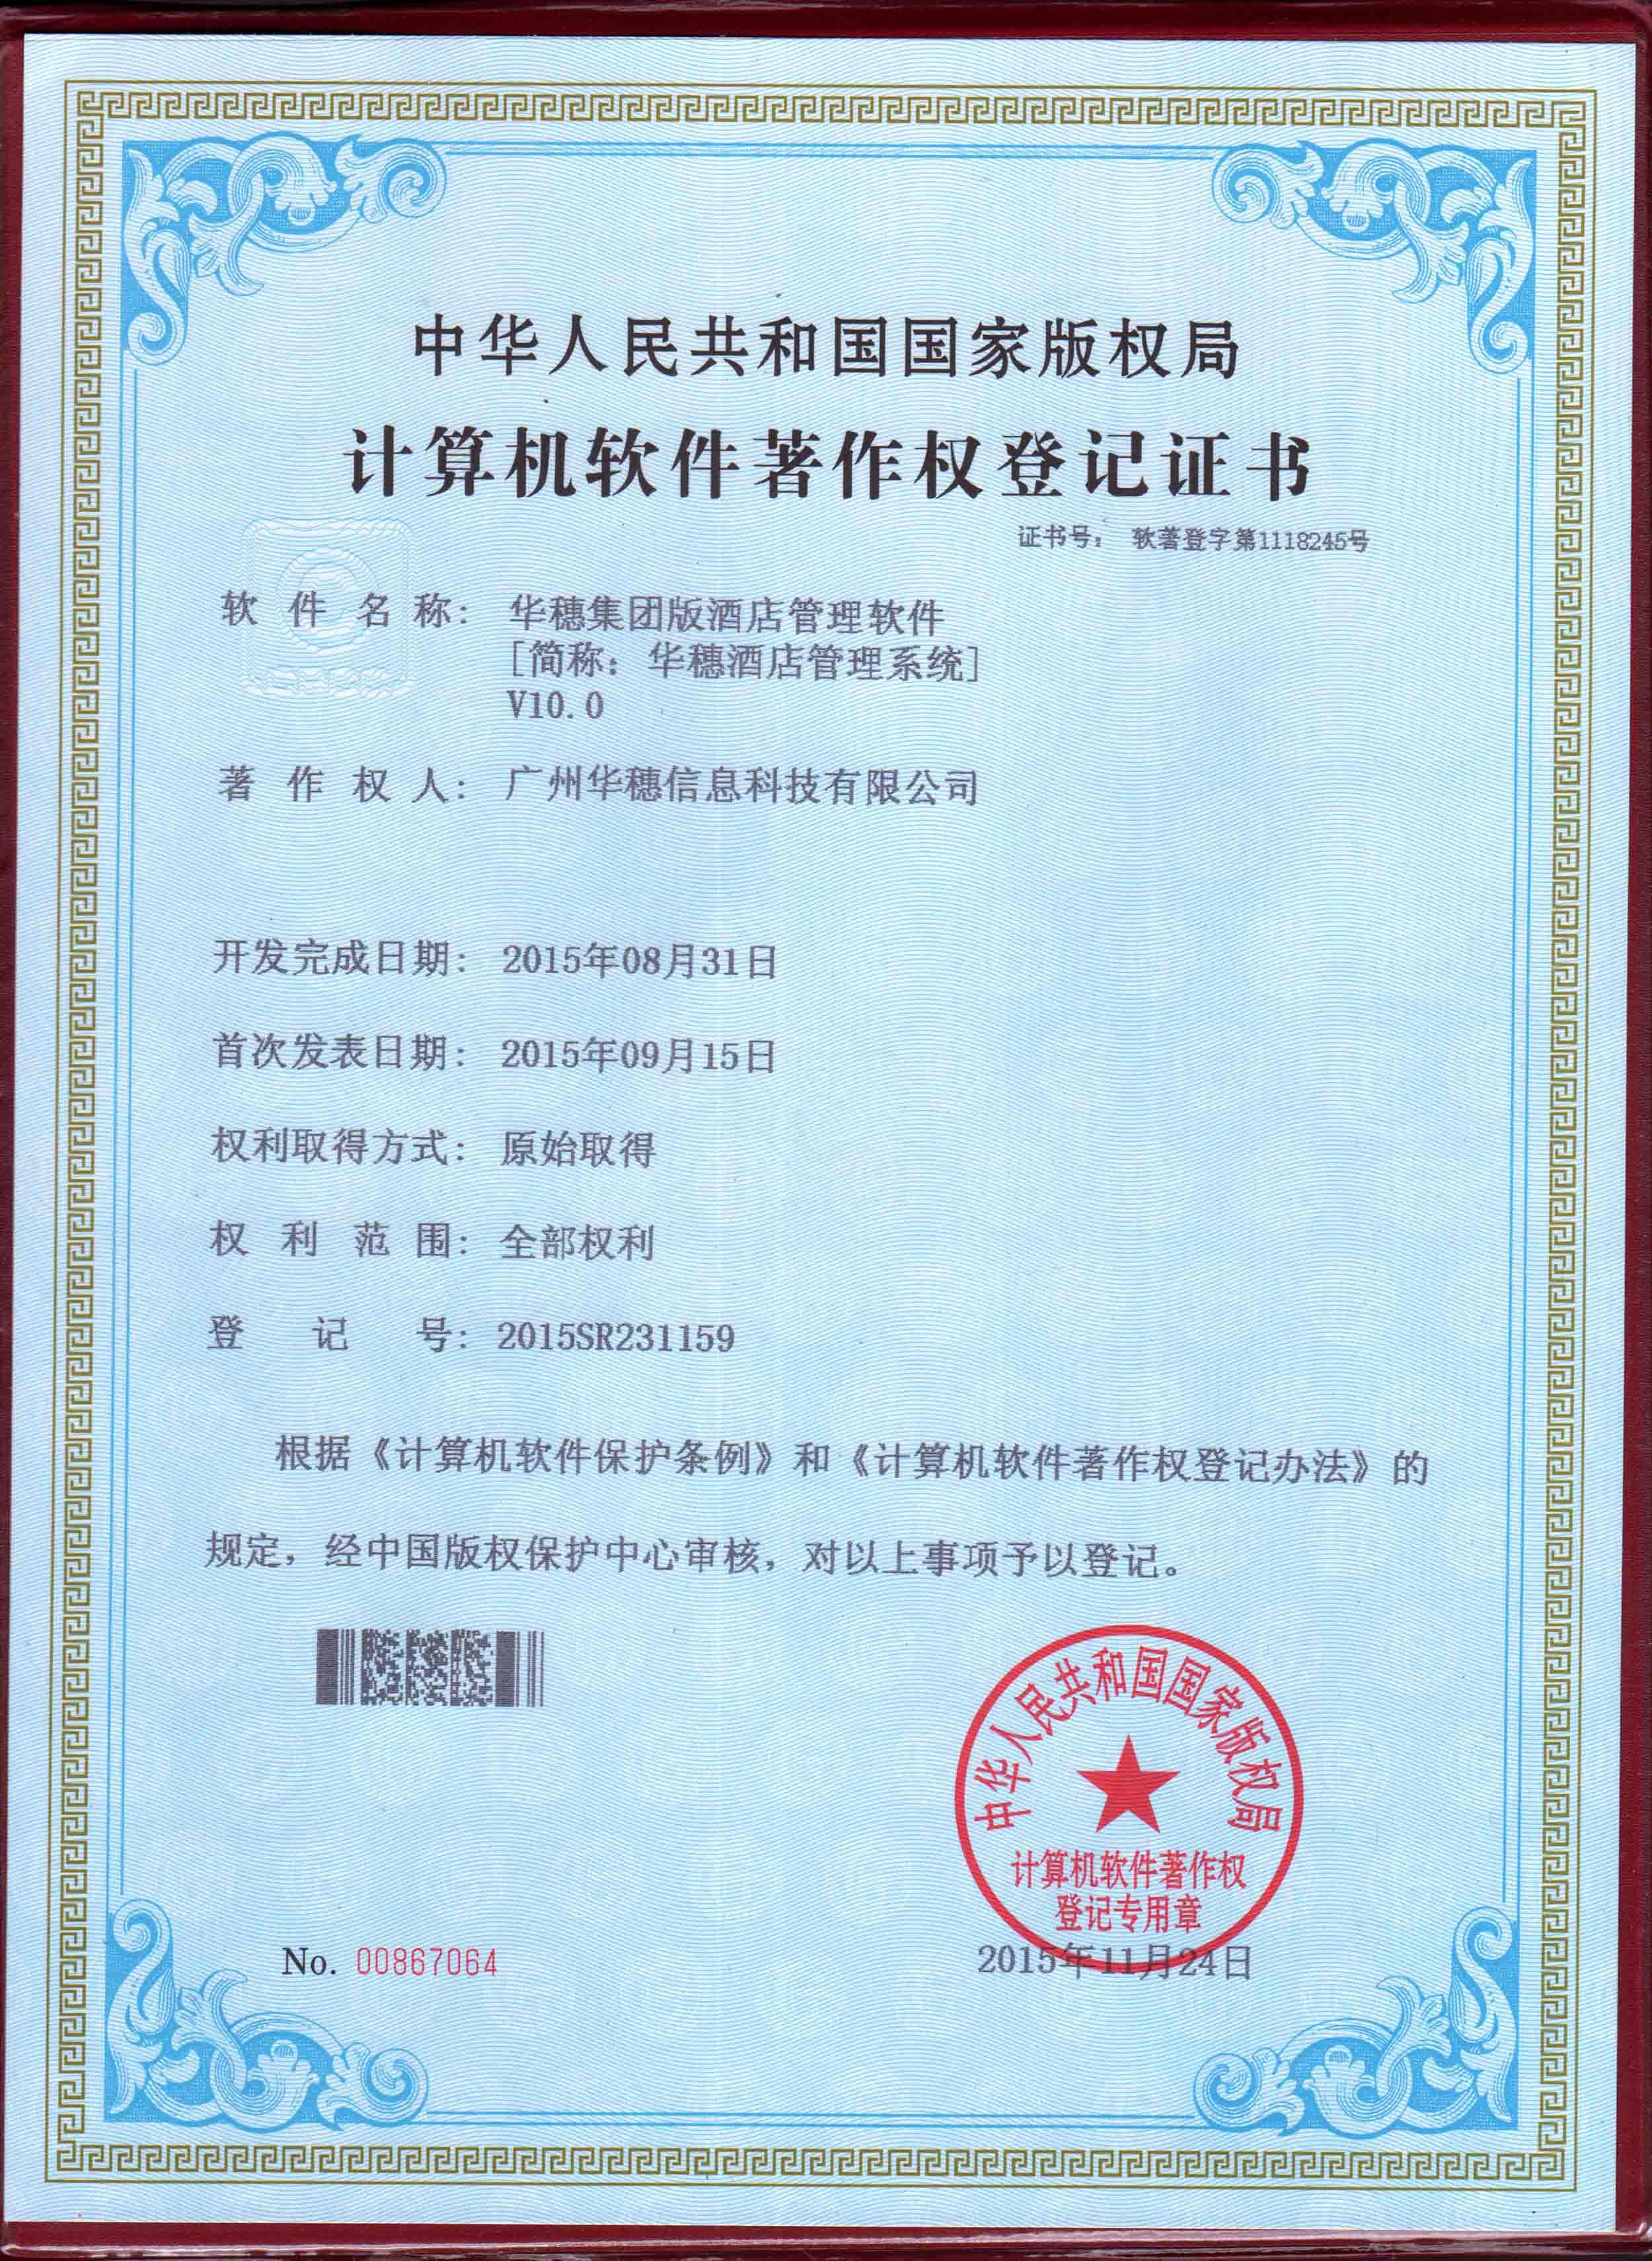 集团版客房软件著作权登记证